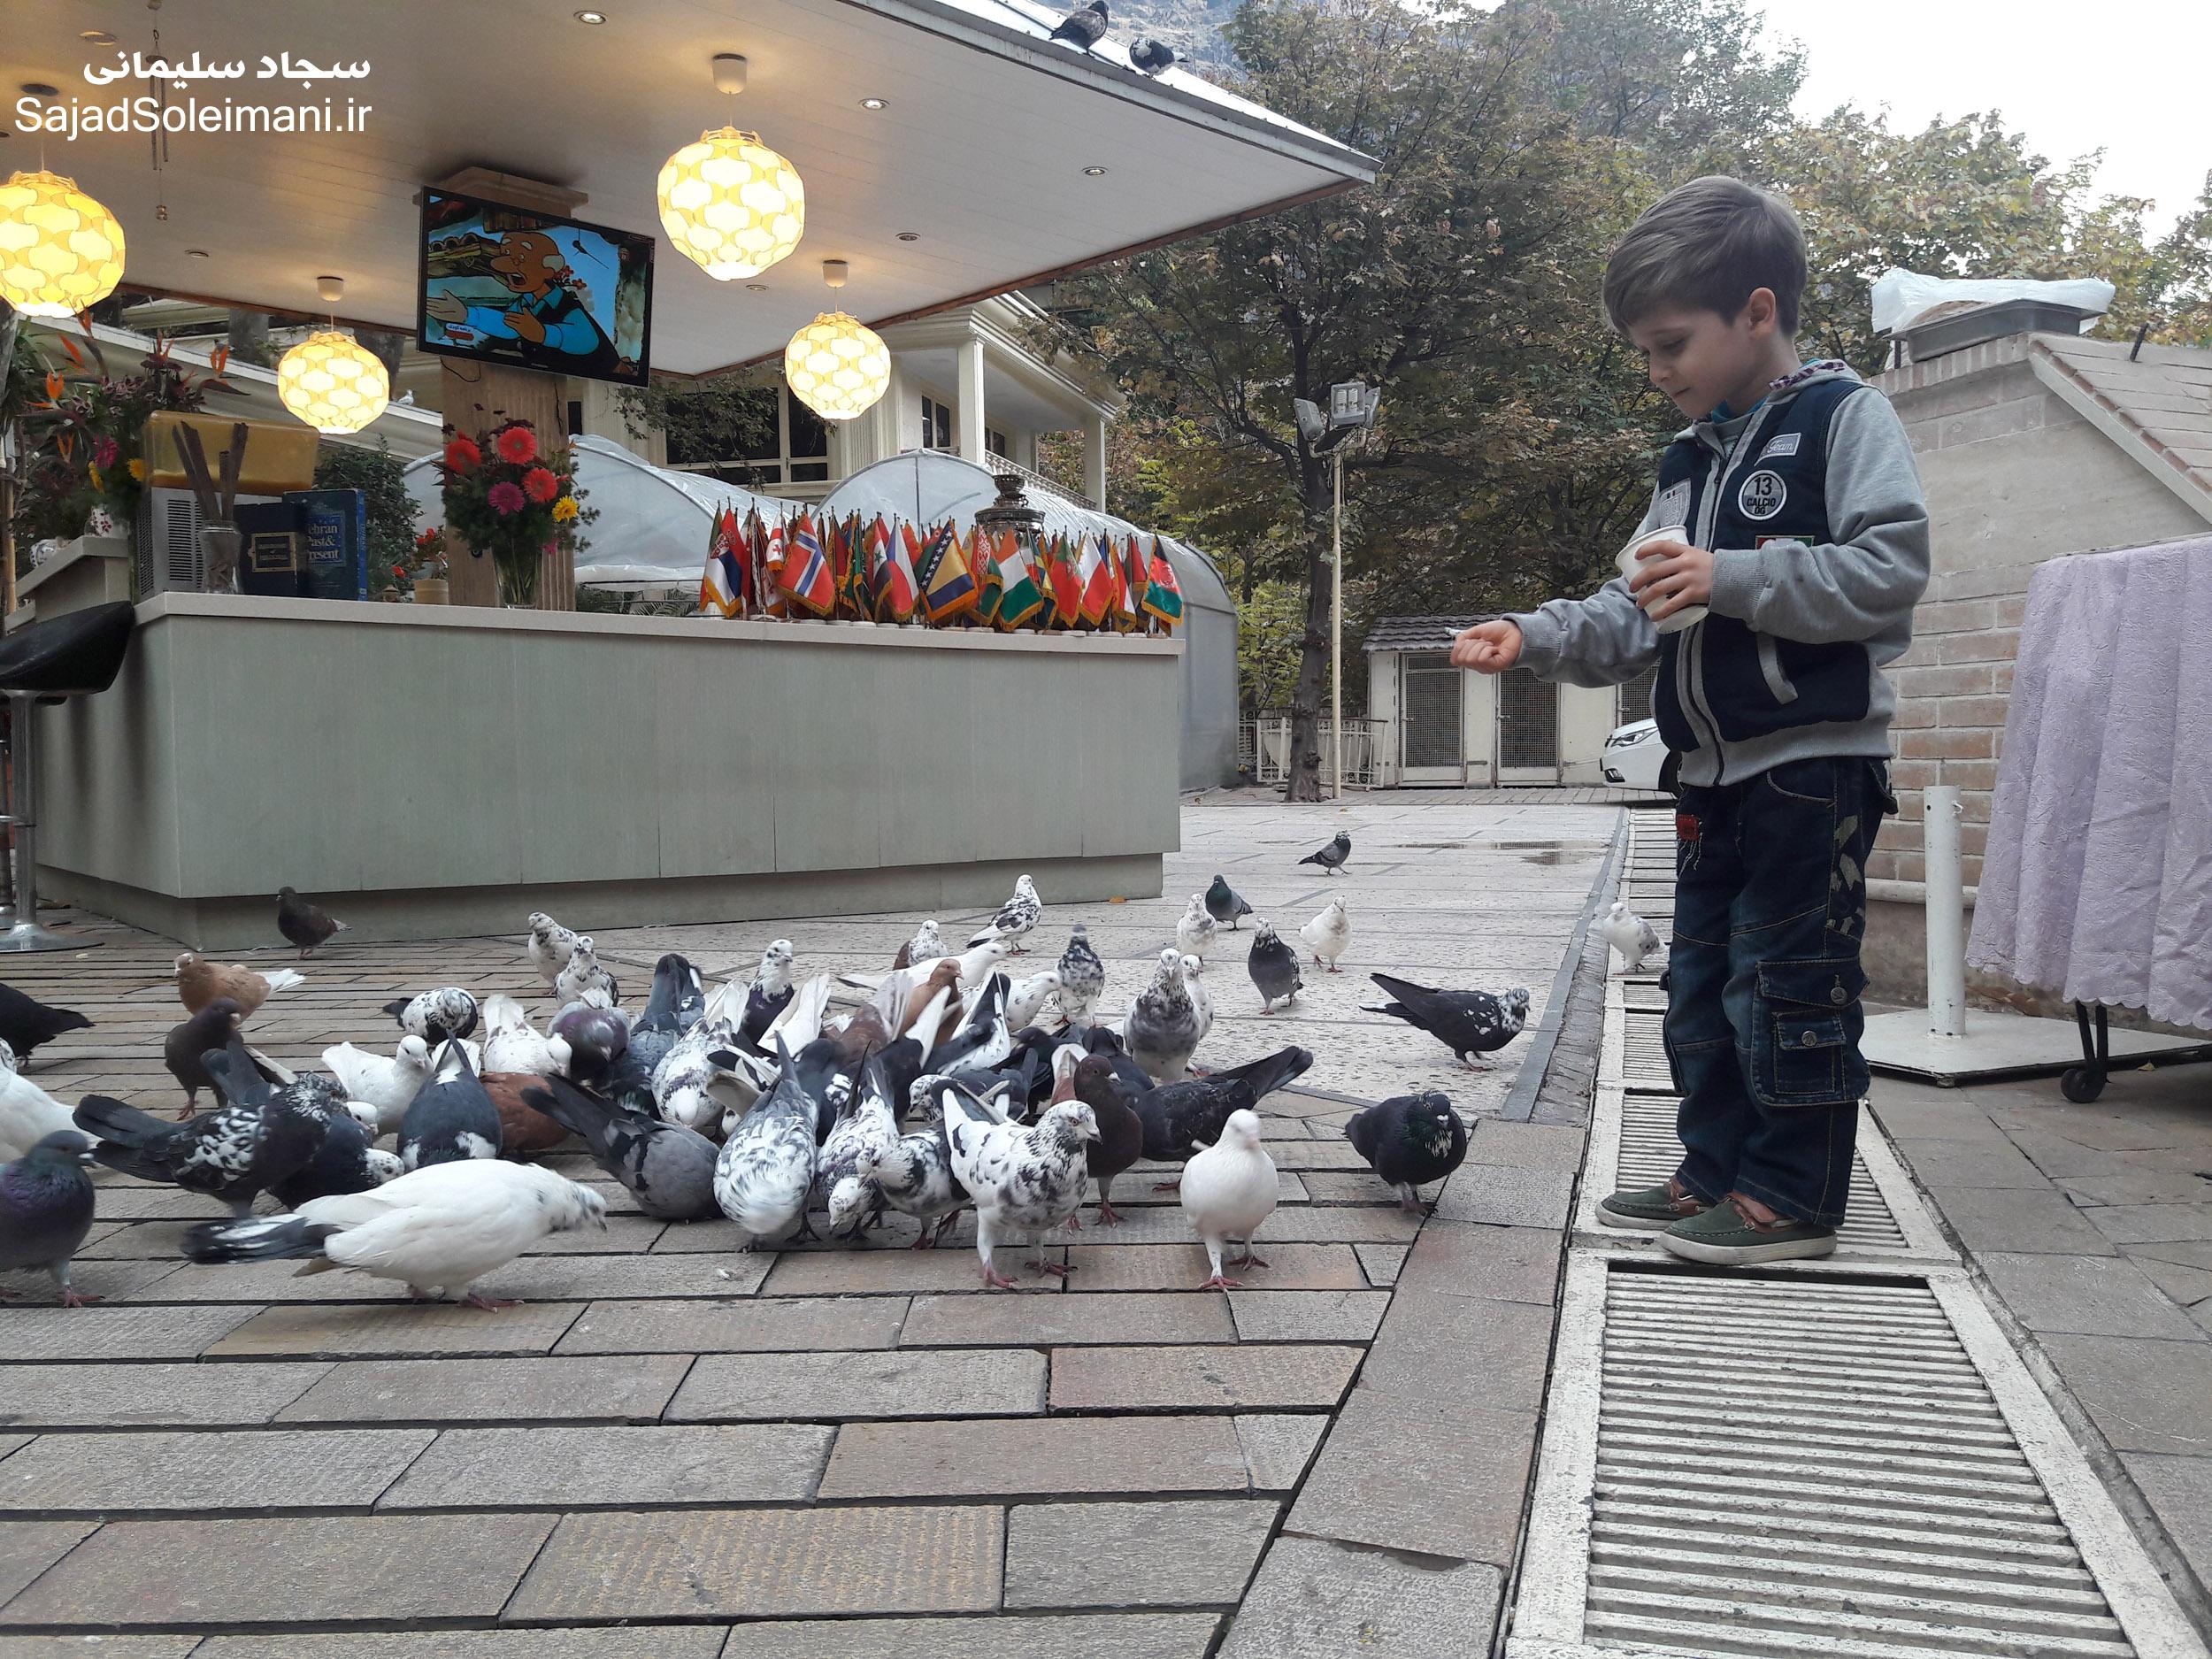 لذت مهربانی و دان پاشی در هوای سرد پاییزی